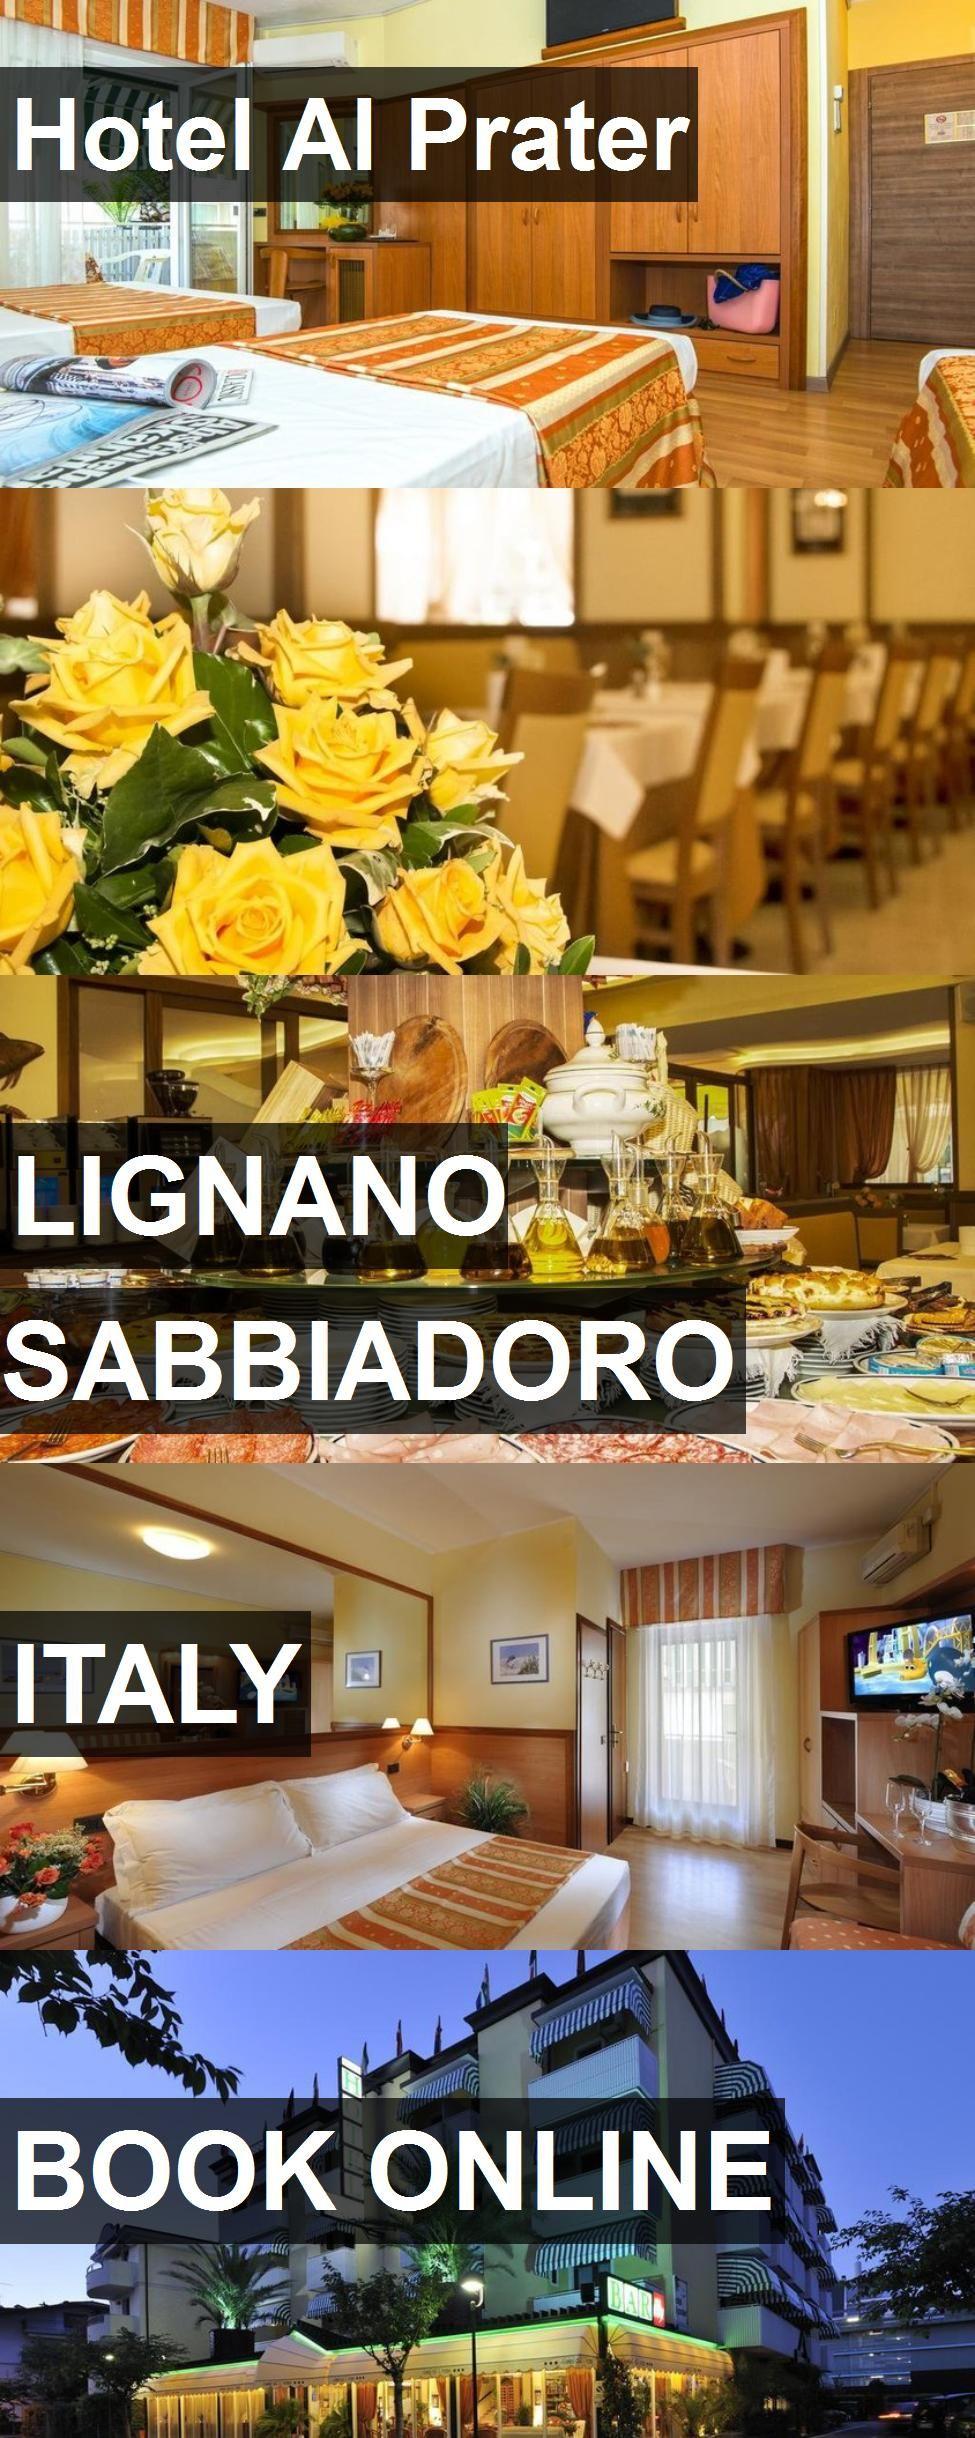 Hotel Al Prater in Lignano Sabbiadoro, Italy. For more